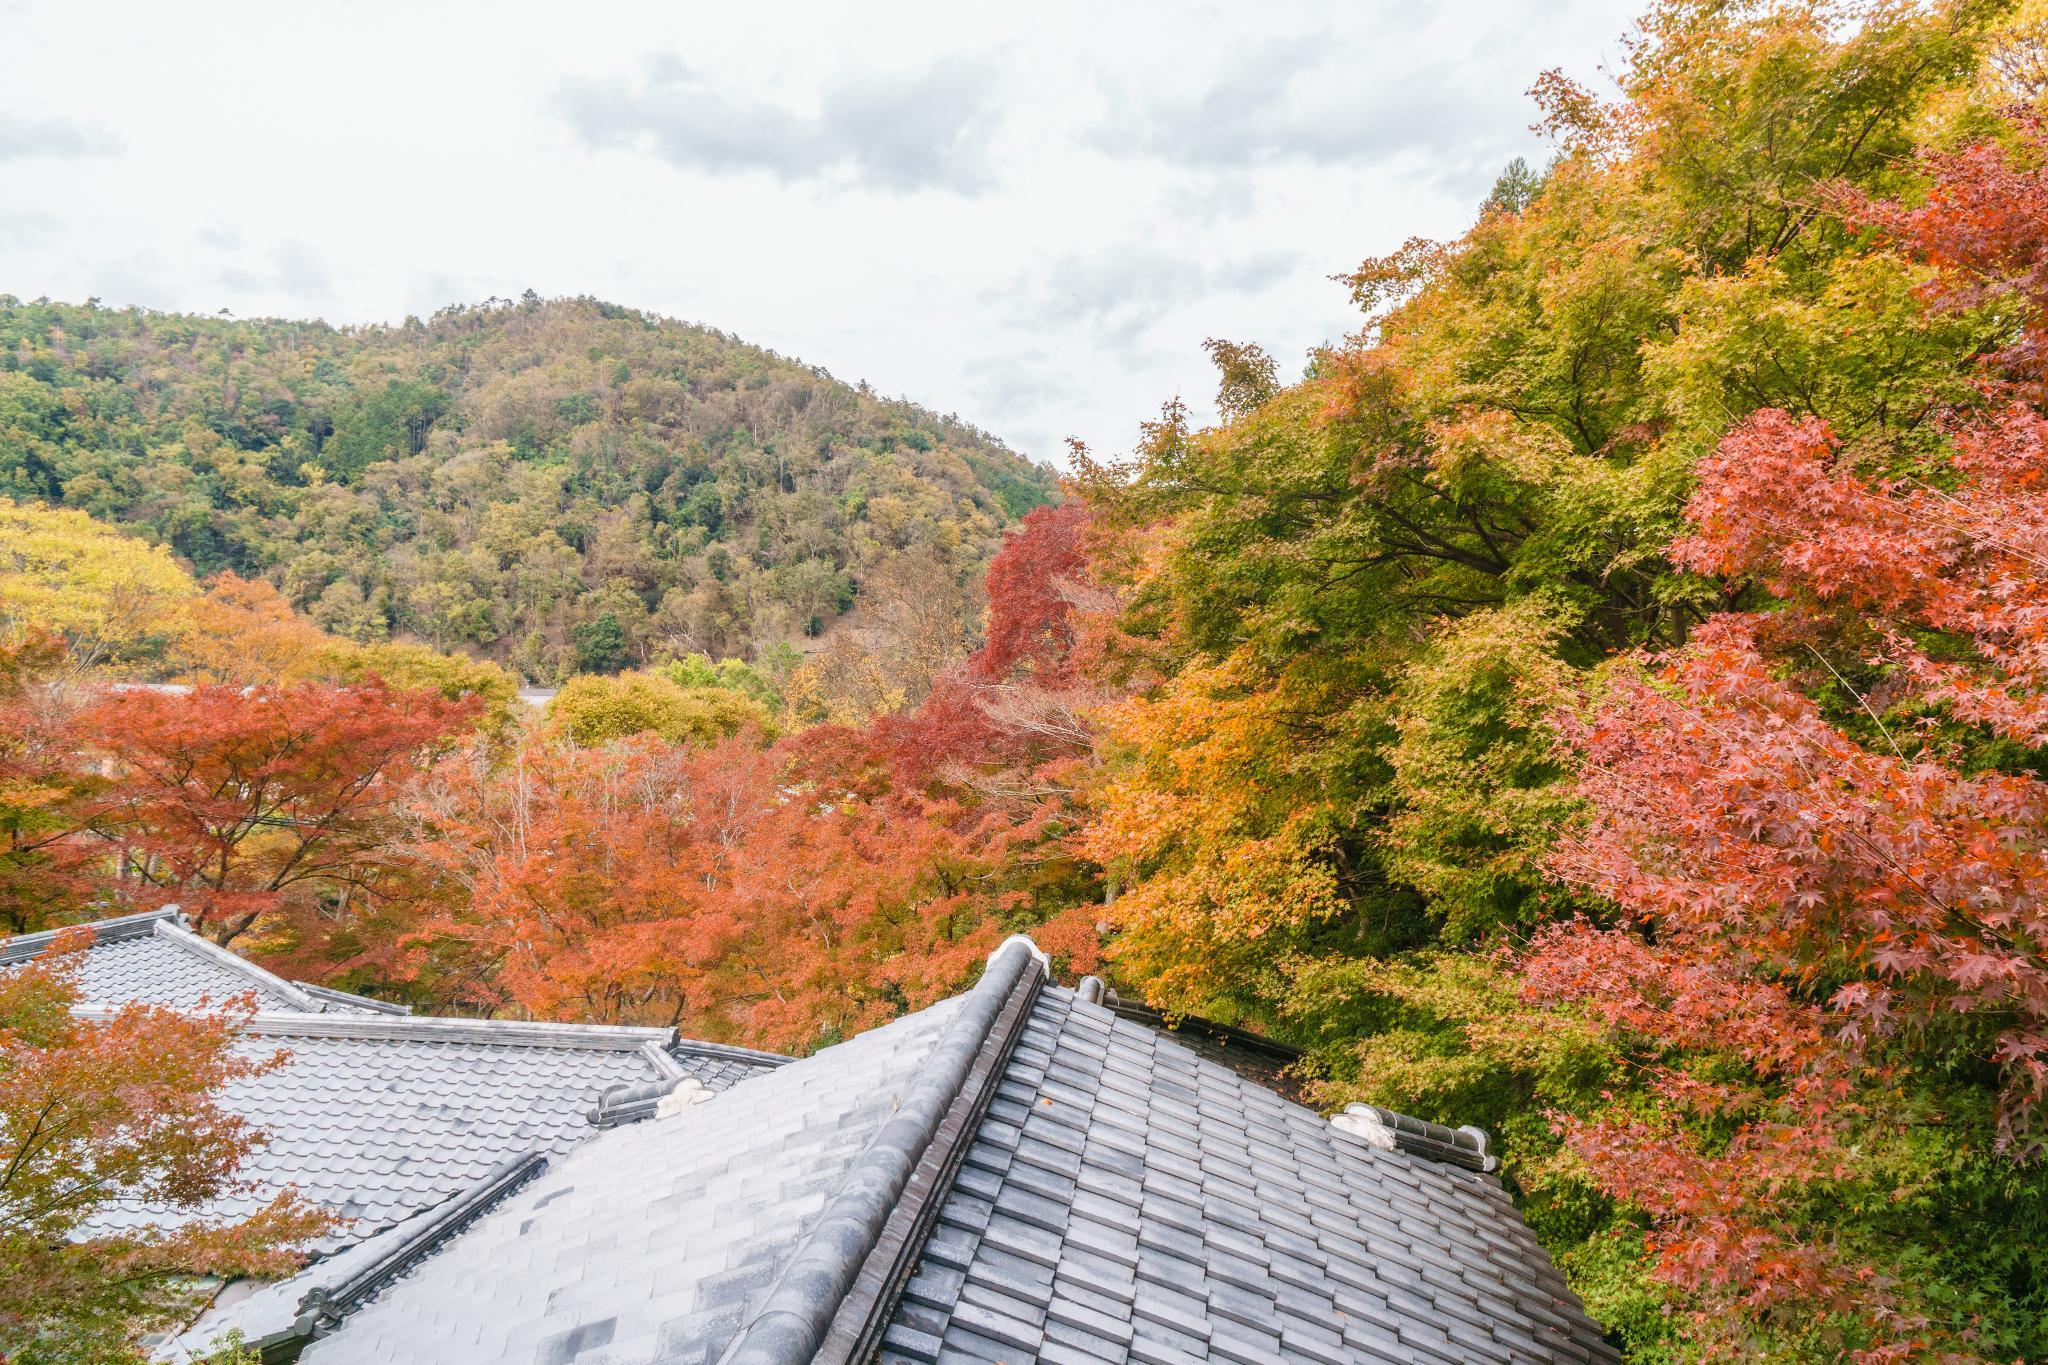 【京都】如夢似幻的琉璃光影 - 八瀨琉璃光院 91